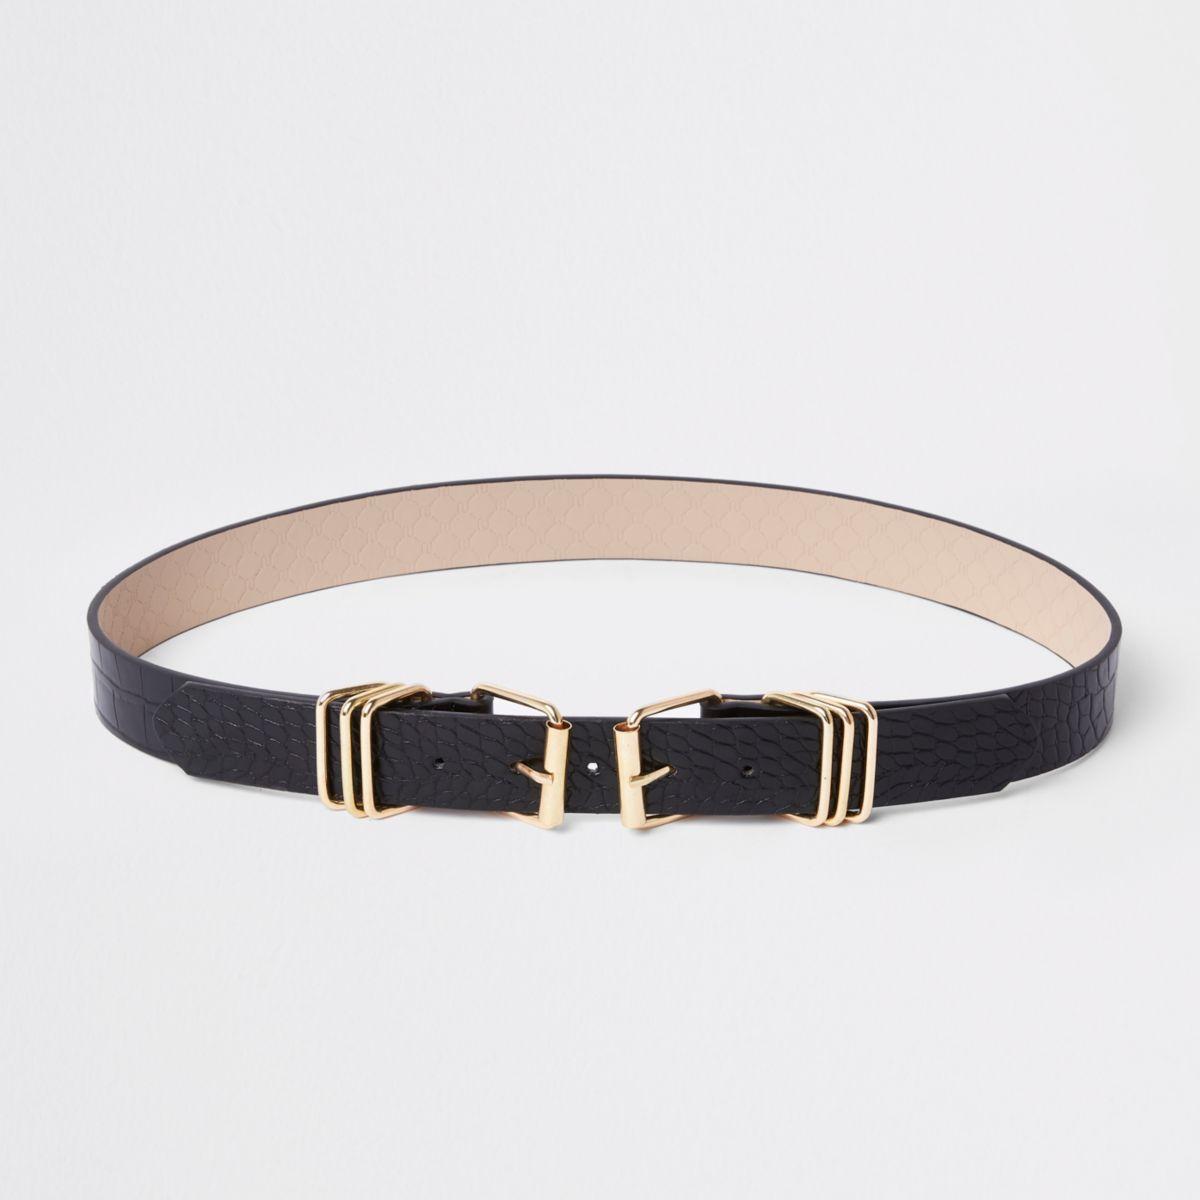 Black croc double buckle jeans belt